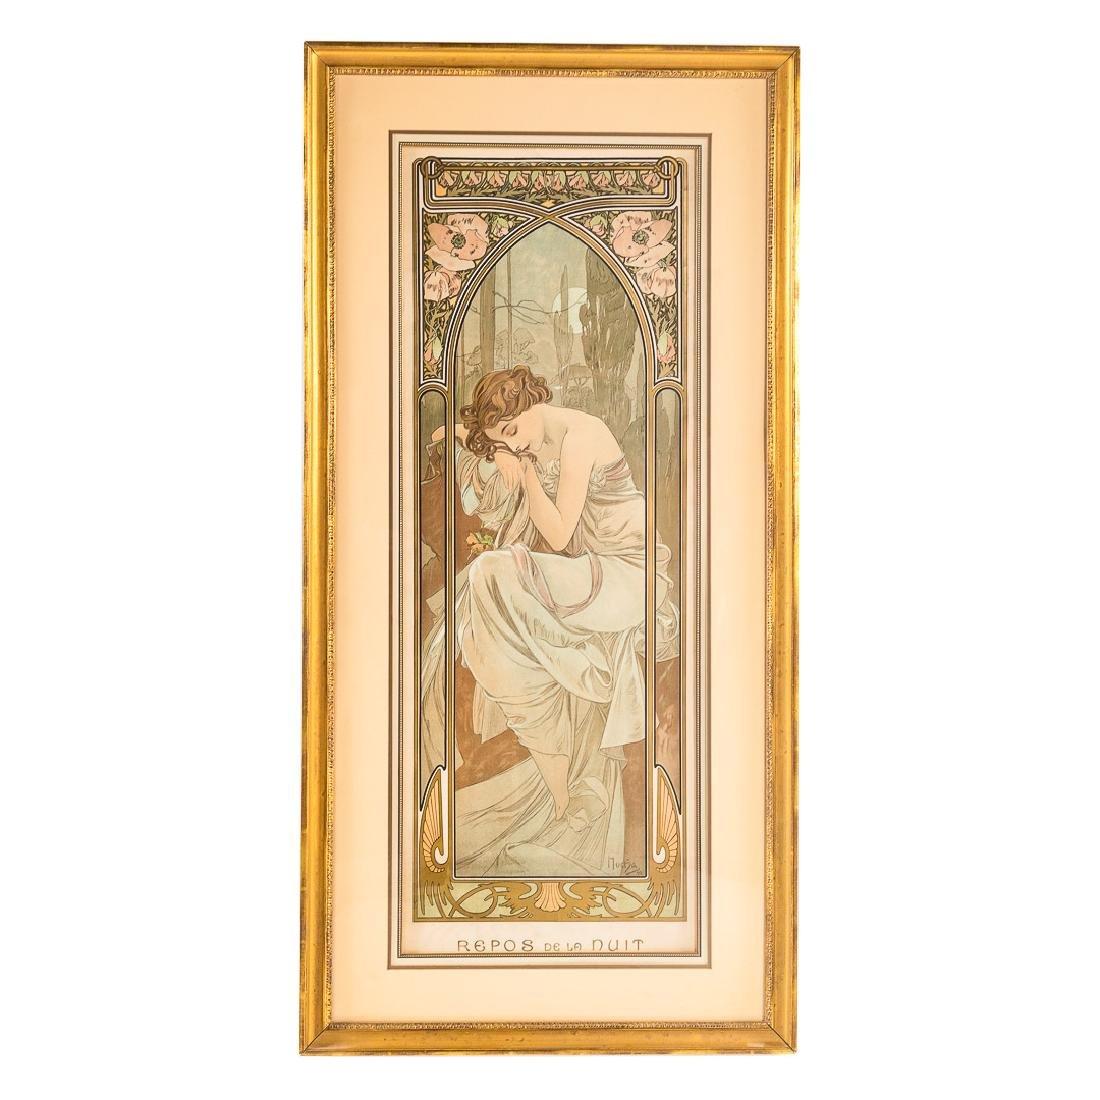 """Alphonse Mucha. """"Repos de la Nuit,"""" lithograph"""